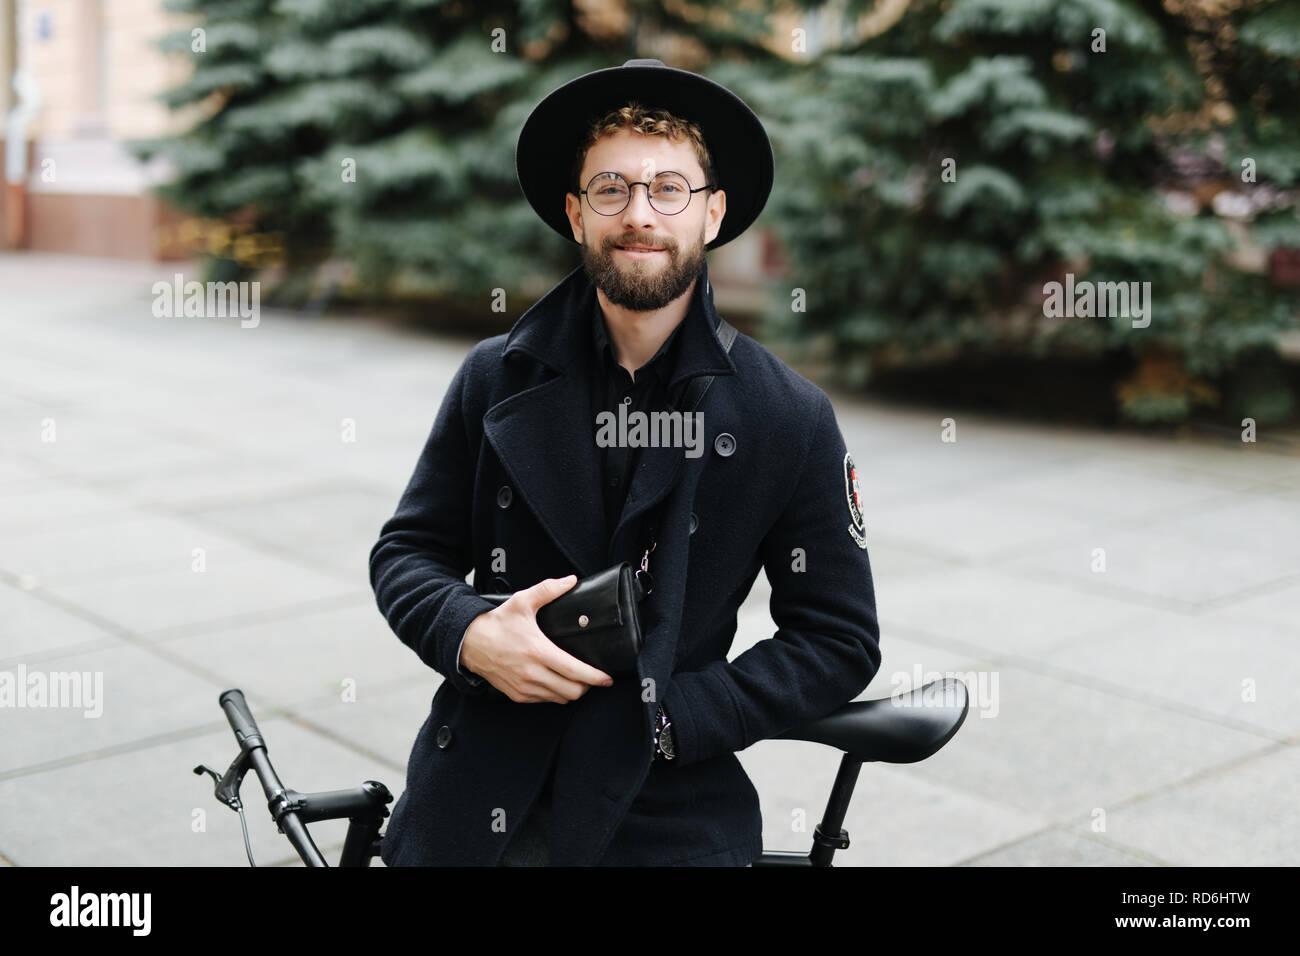 Joven apuesto hombre de gafas y sombrero de pie con su bicicleta en la calle Foto de stock